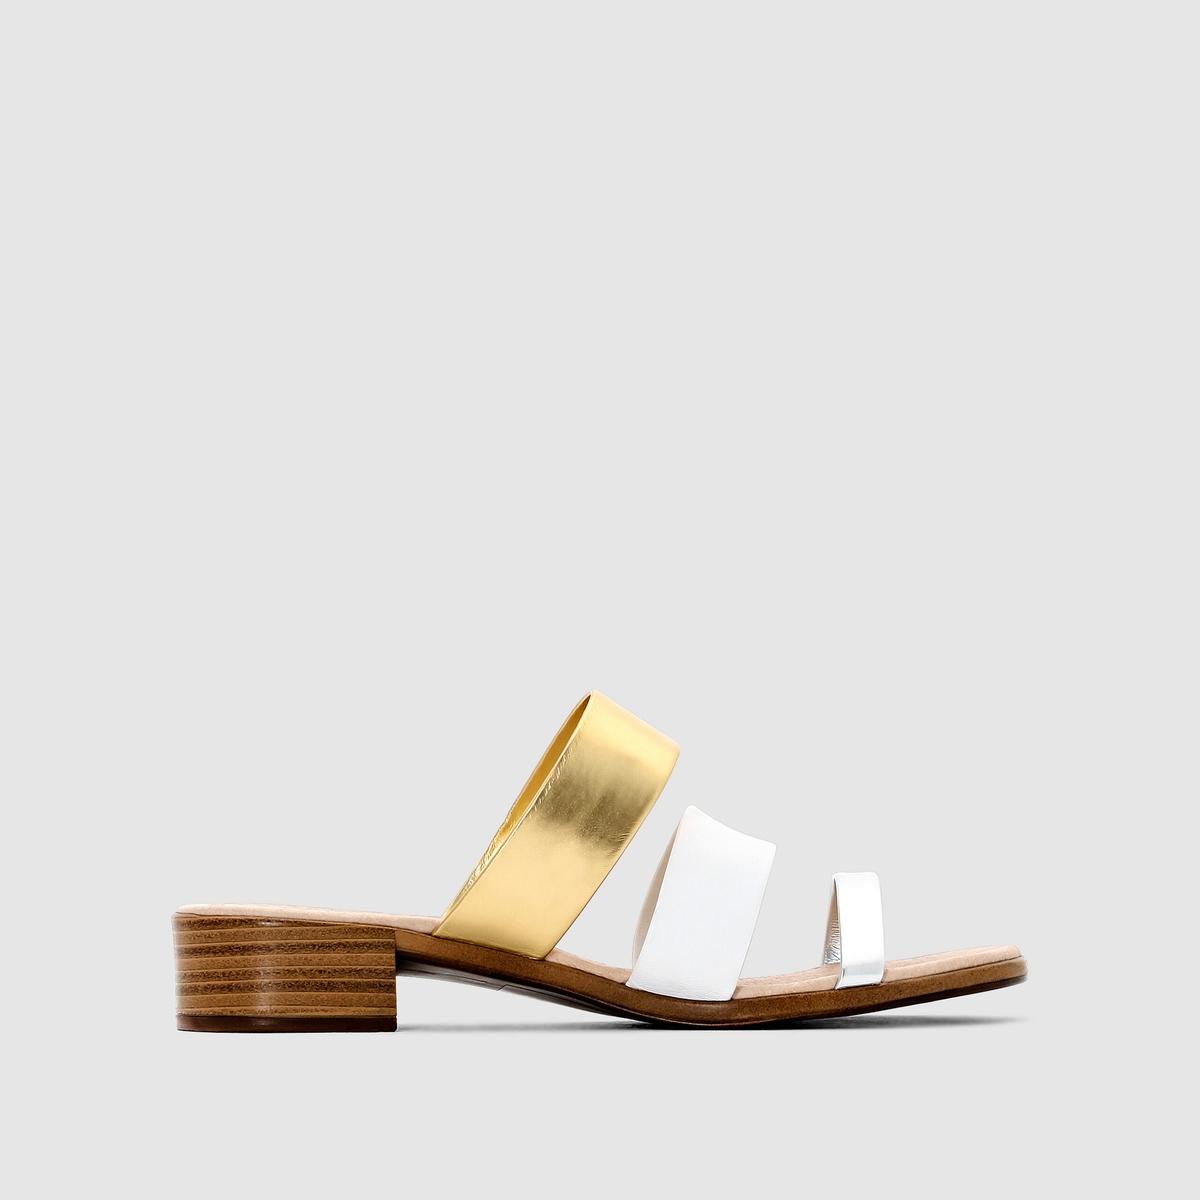 Туфли без задника кожаные двухцветныеТуфли без задника. Верх из кожи, тонкие ремешки 3 цветов . Подкладка из кожи. Стелька из кожи на пеноматериале. Подошва из эластомера. Плоский каблук.<br><br>Цвет: белый/ серебро<br>Размер: 37.39